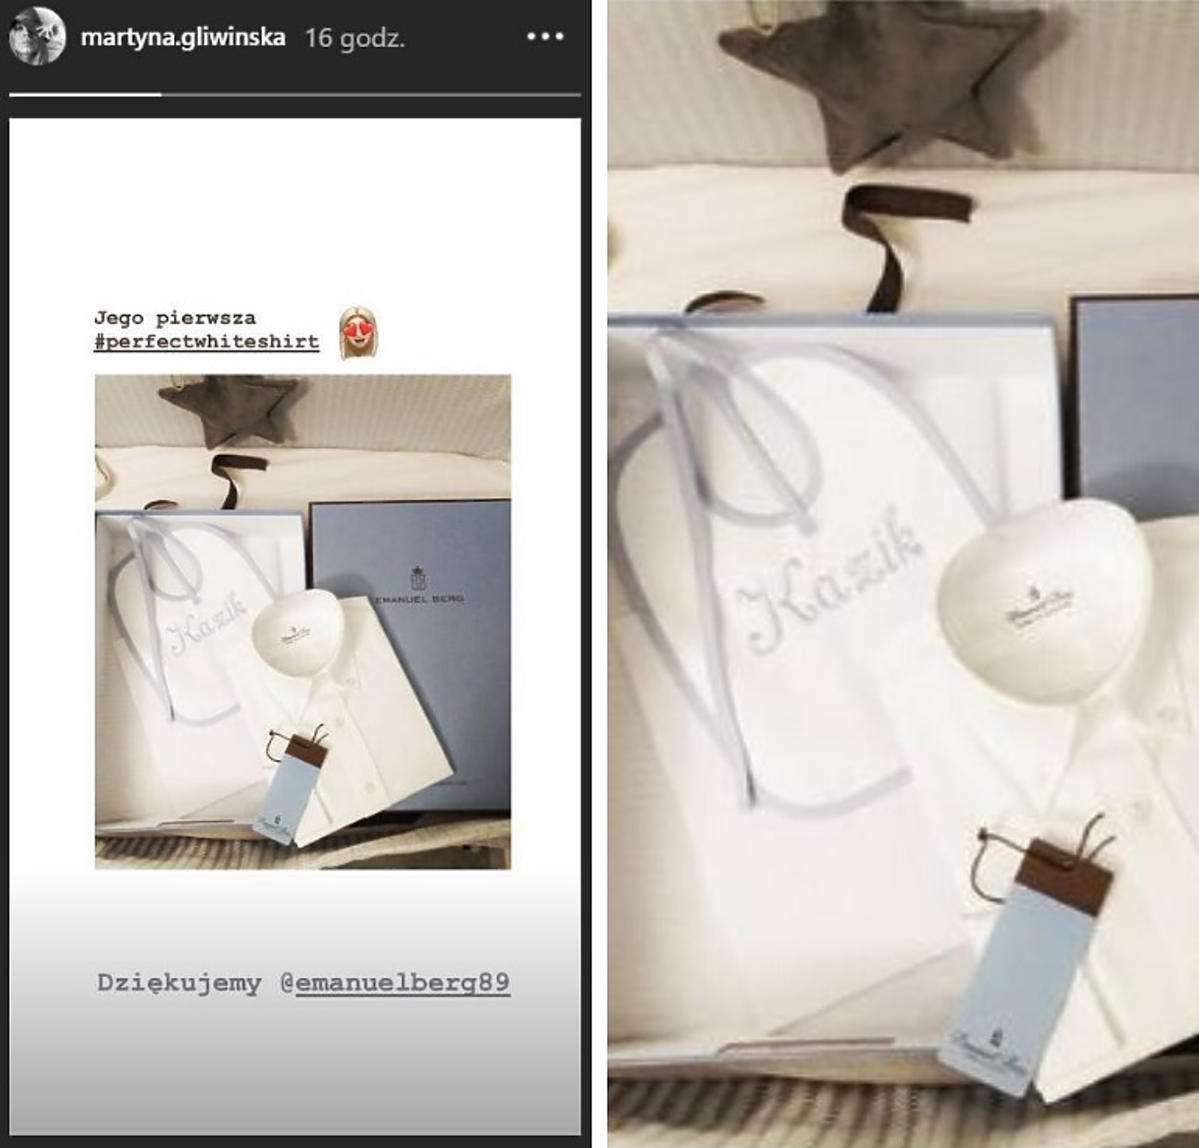 Martyna Gliwińska pokazała, jaki prezent dostał jej syn